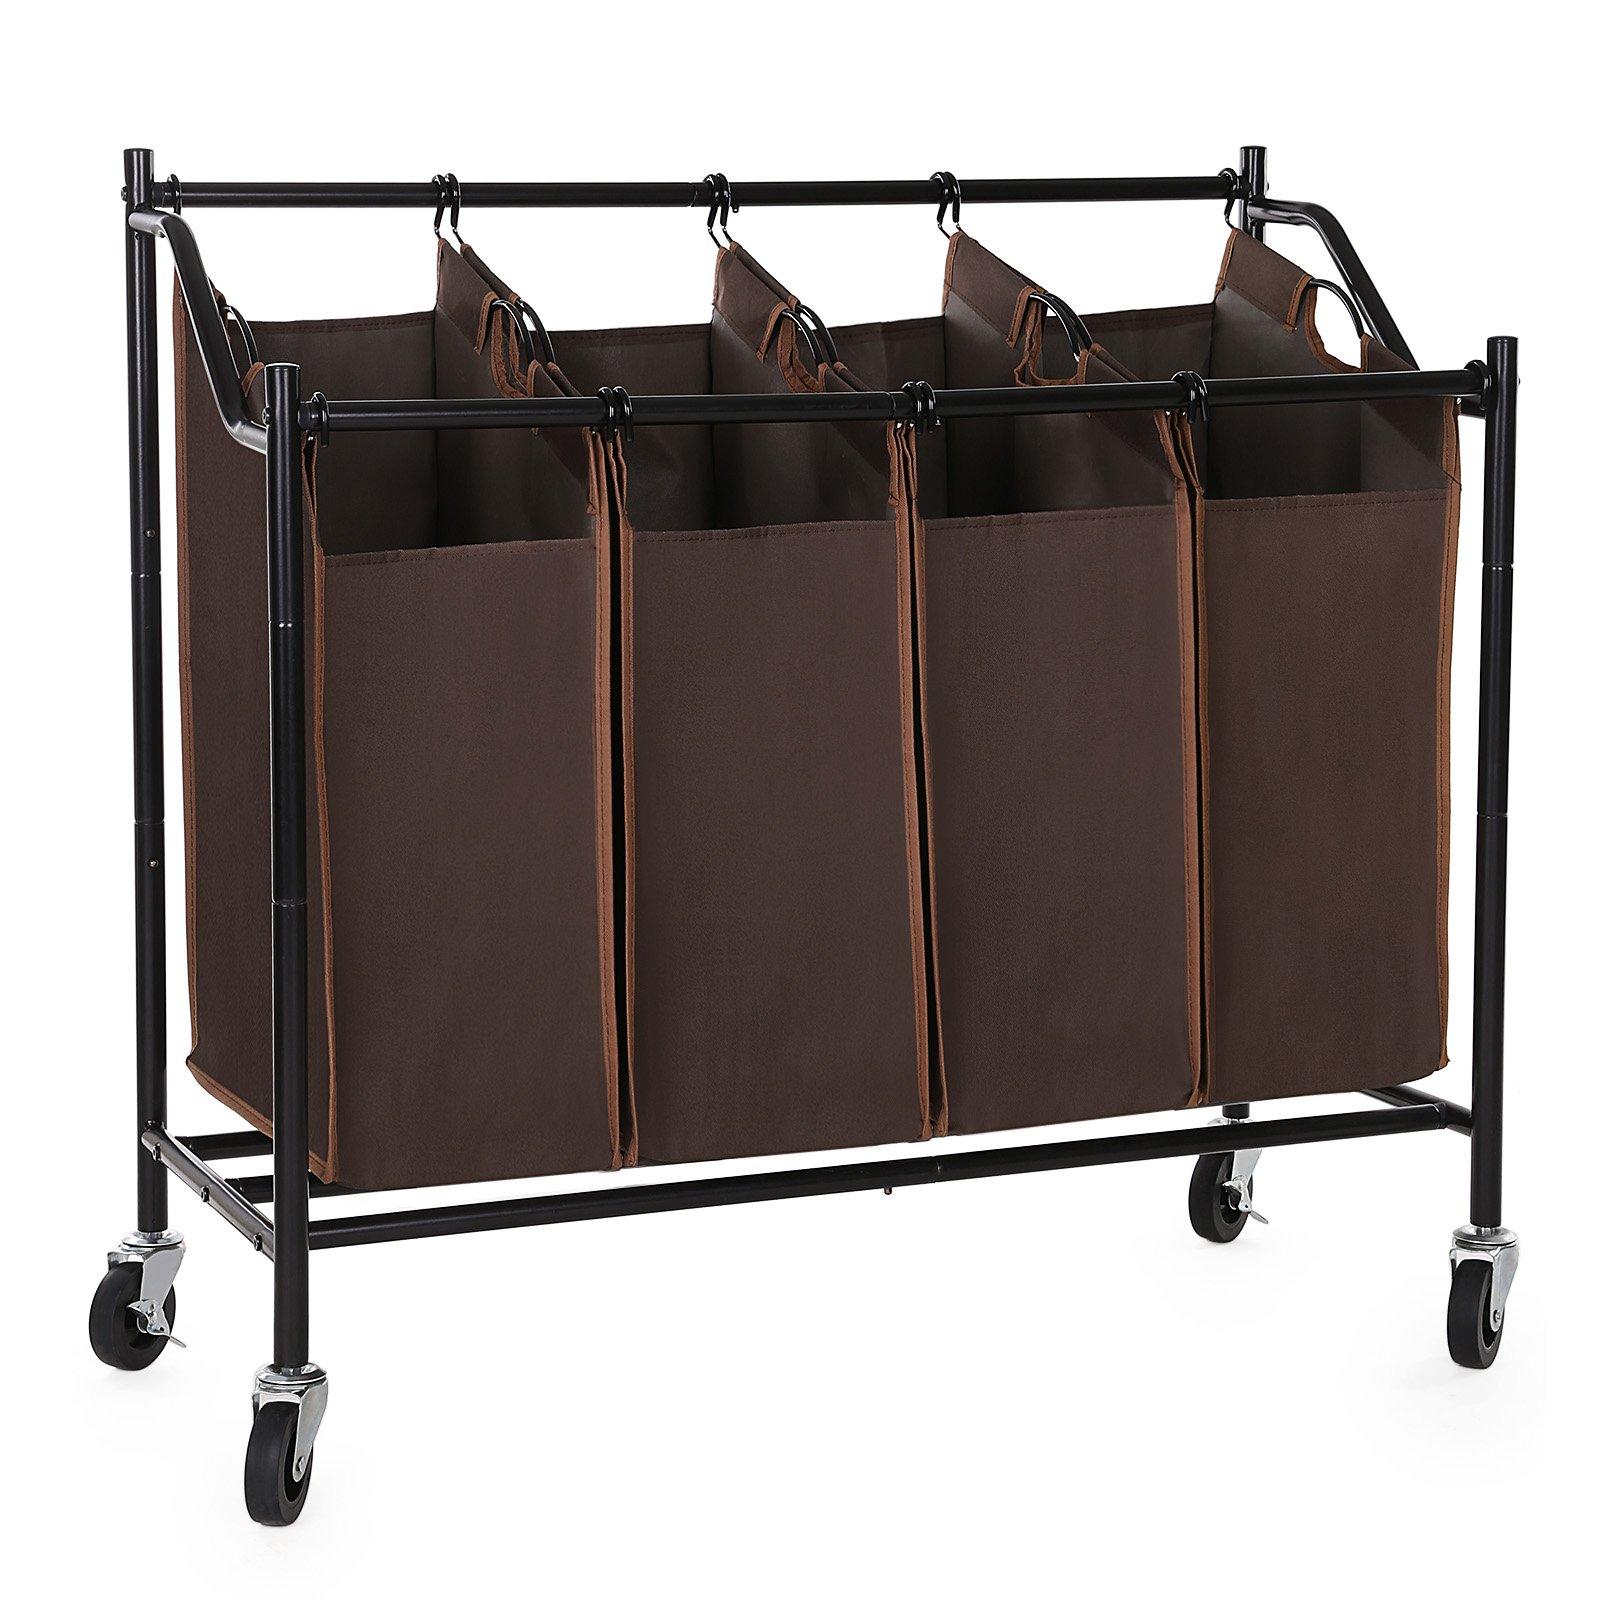 SONGMICS 4-Bag Rolling Laundry Sorter Cart Heavy-Duty Sorting Hamper W' Brake Casters Brown URLS90Z